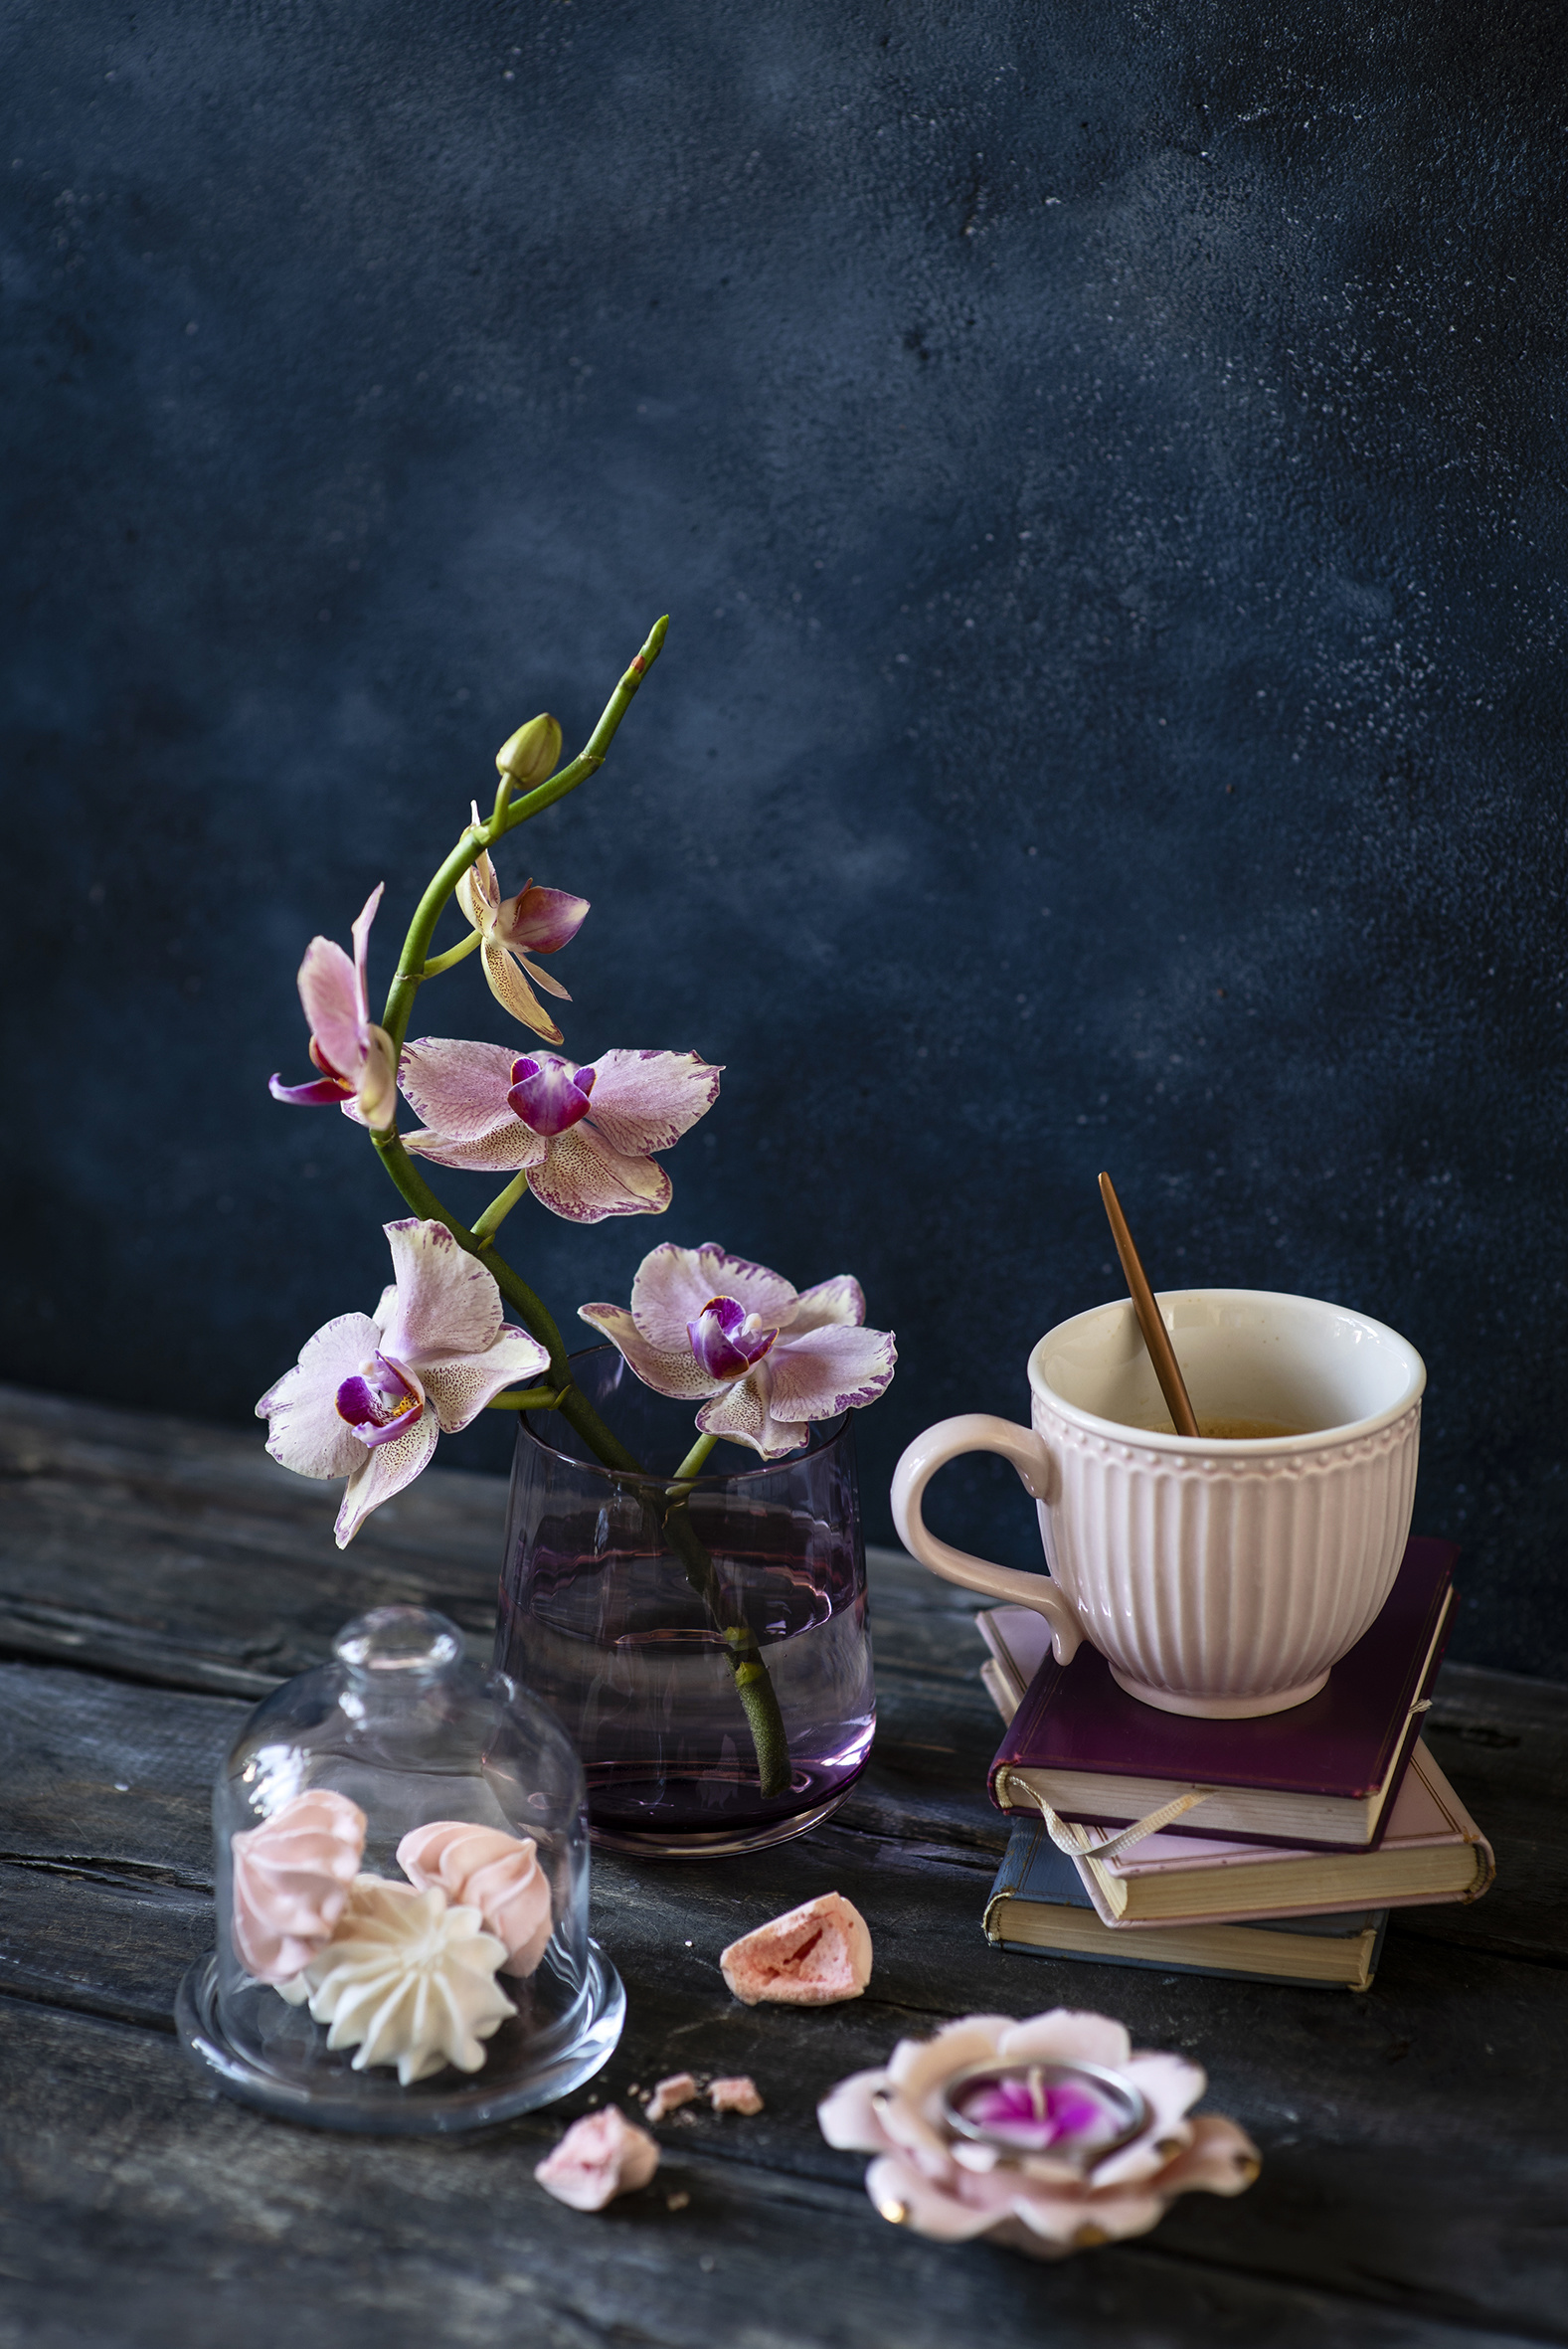 Картинки орхидея цветок Чашка Книга Свечи Продукты питания Сладости Натюрморт Доски Орхидеи Цветы Еда Пища чашке книги сладкая еда